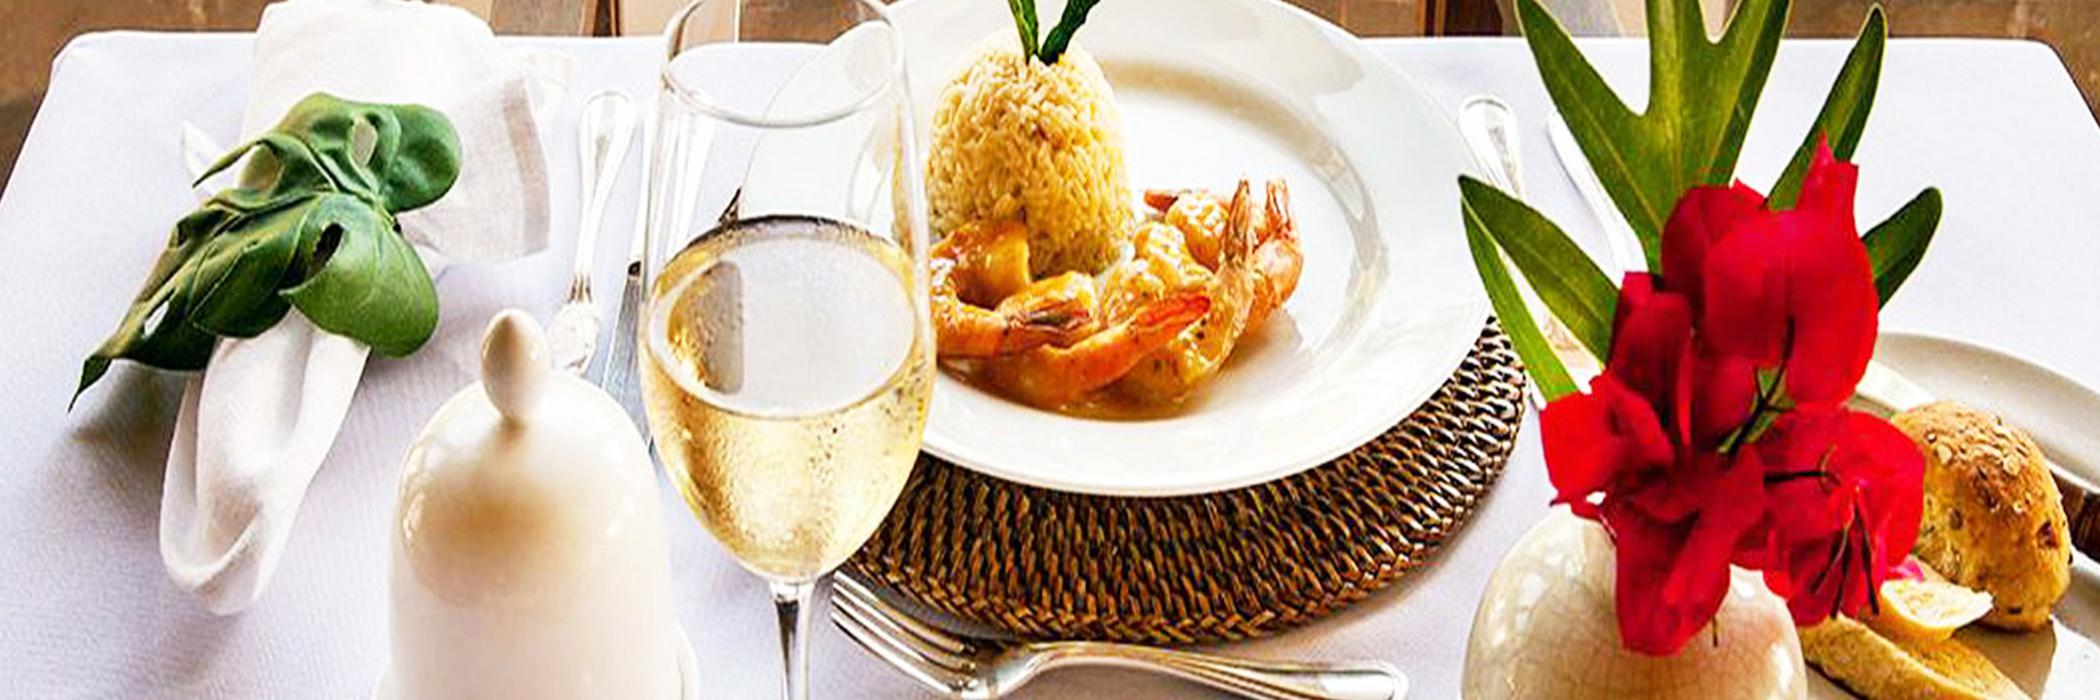 GASTRONOMIA DESTINO DO CHARME No Destino do Charme você encontra o requinte da gastronomia